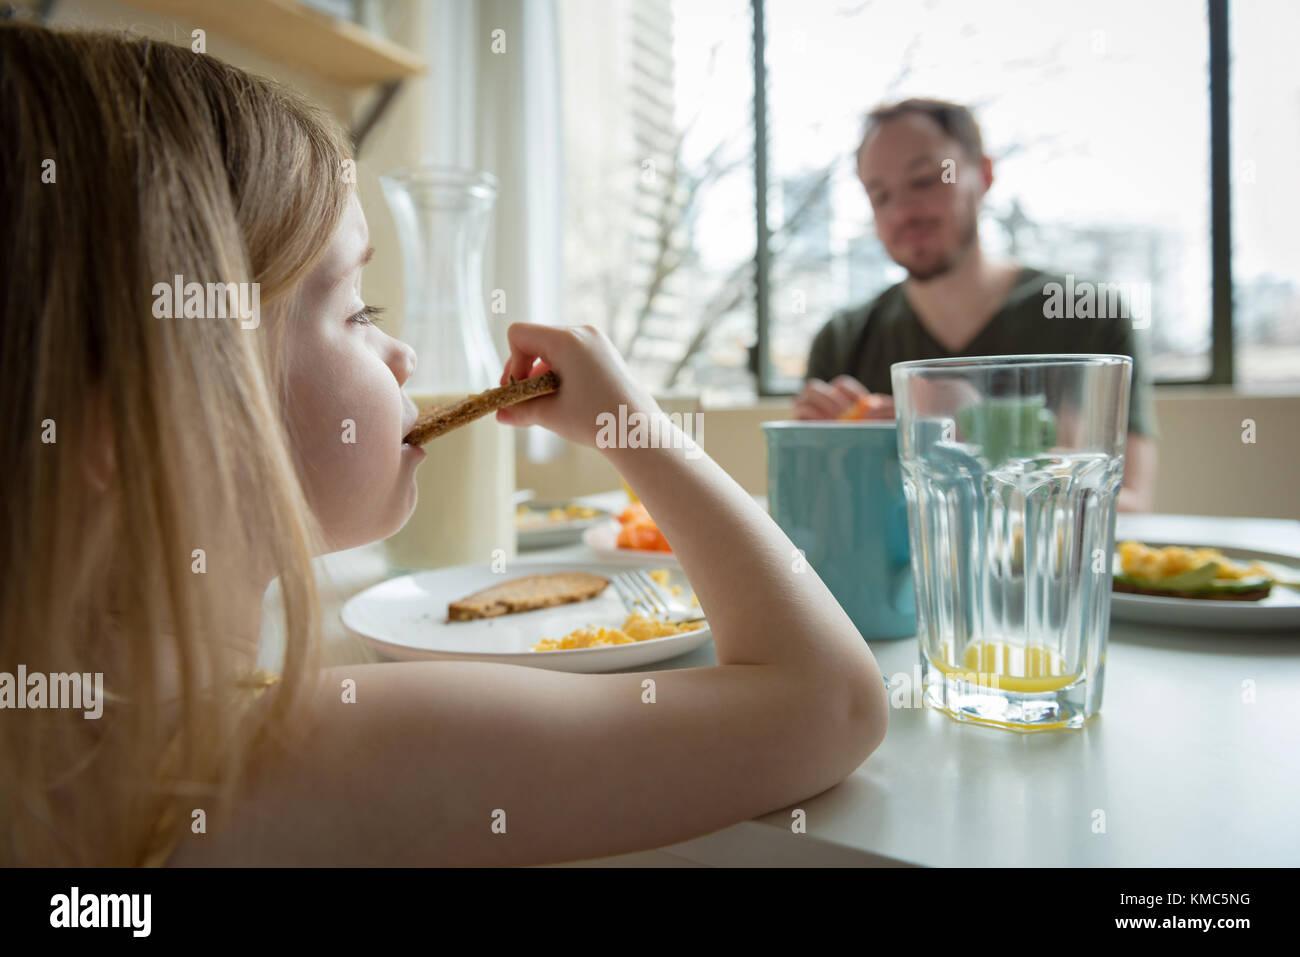 Vater und Tochter beim Frühstück Stockbild